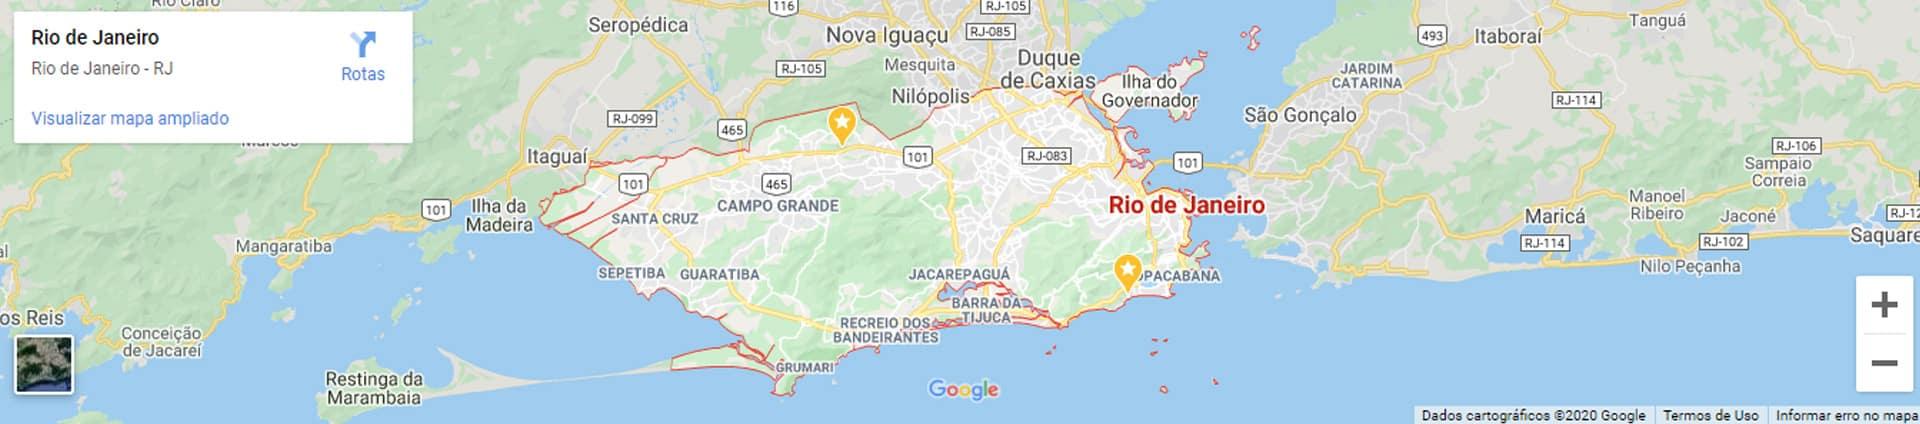 Mapa do Rio de Janeiro RJ